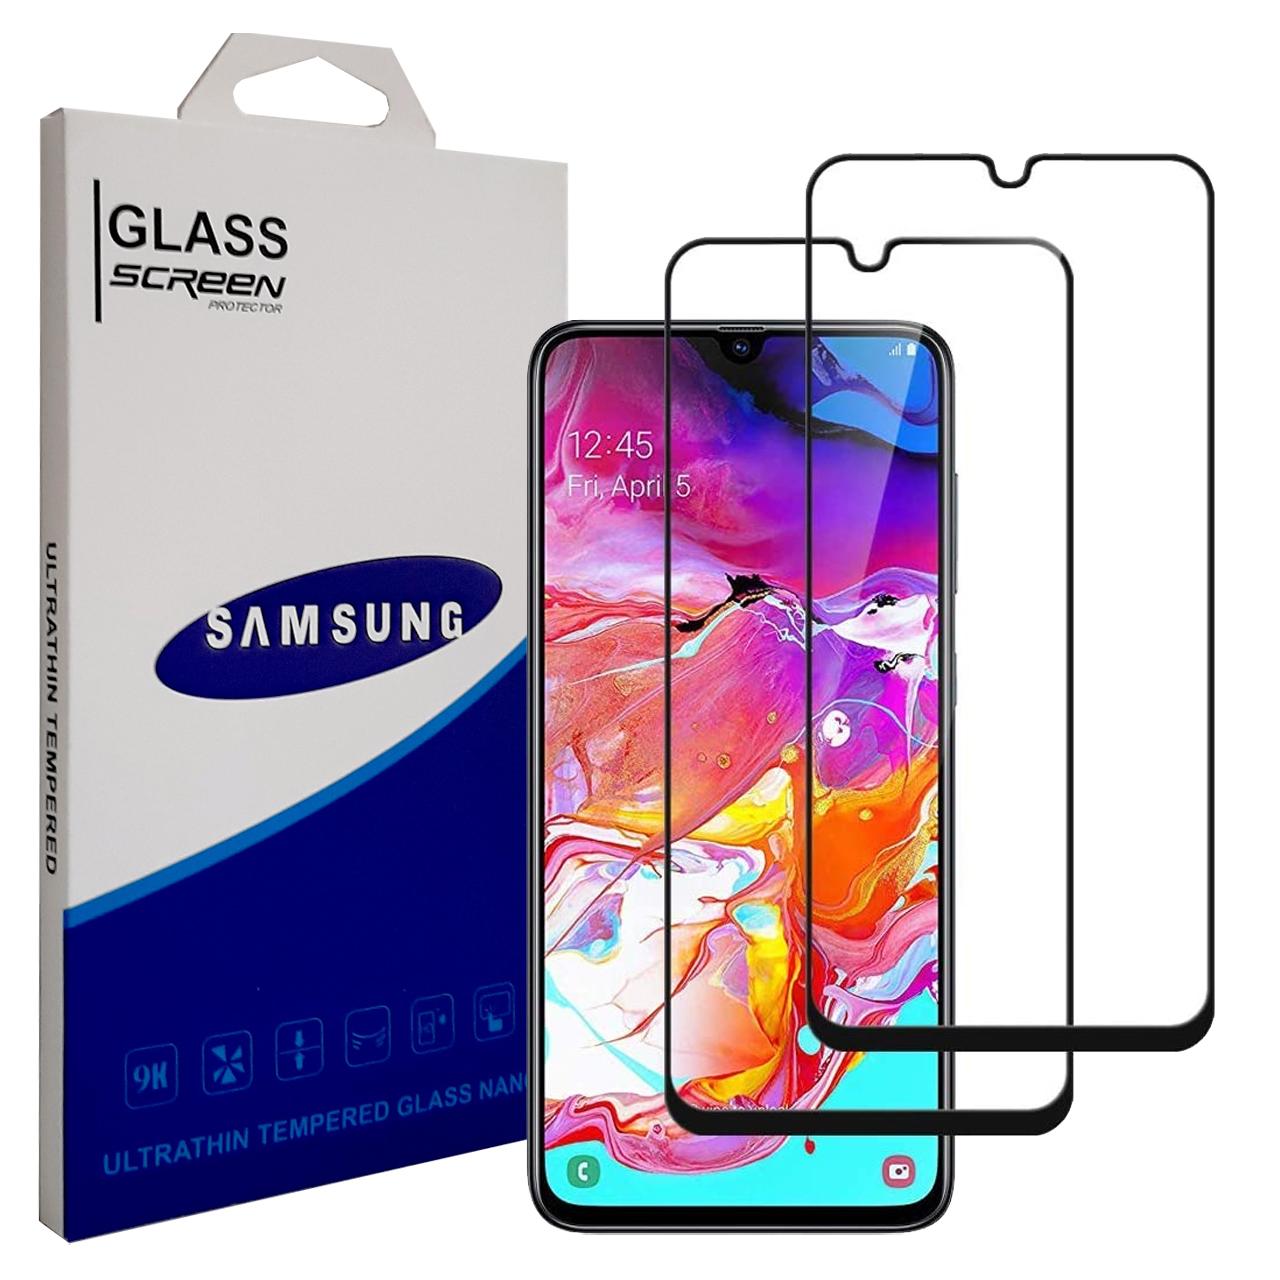 محافظ صفحه نمایش مدل YGA700 مناسب برای گوشی موبایل سامسونگ Galaxy A70 بسته دو عددی thumb